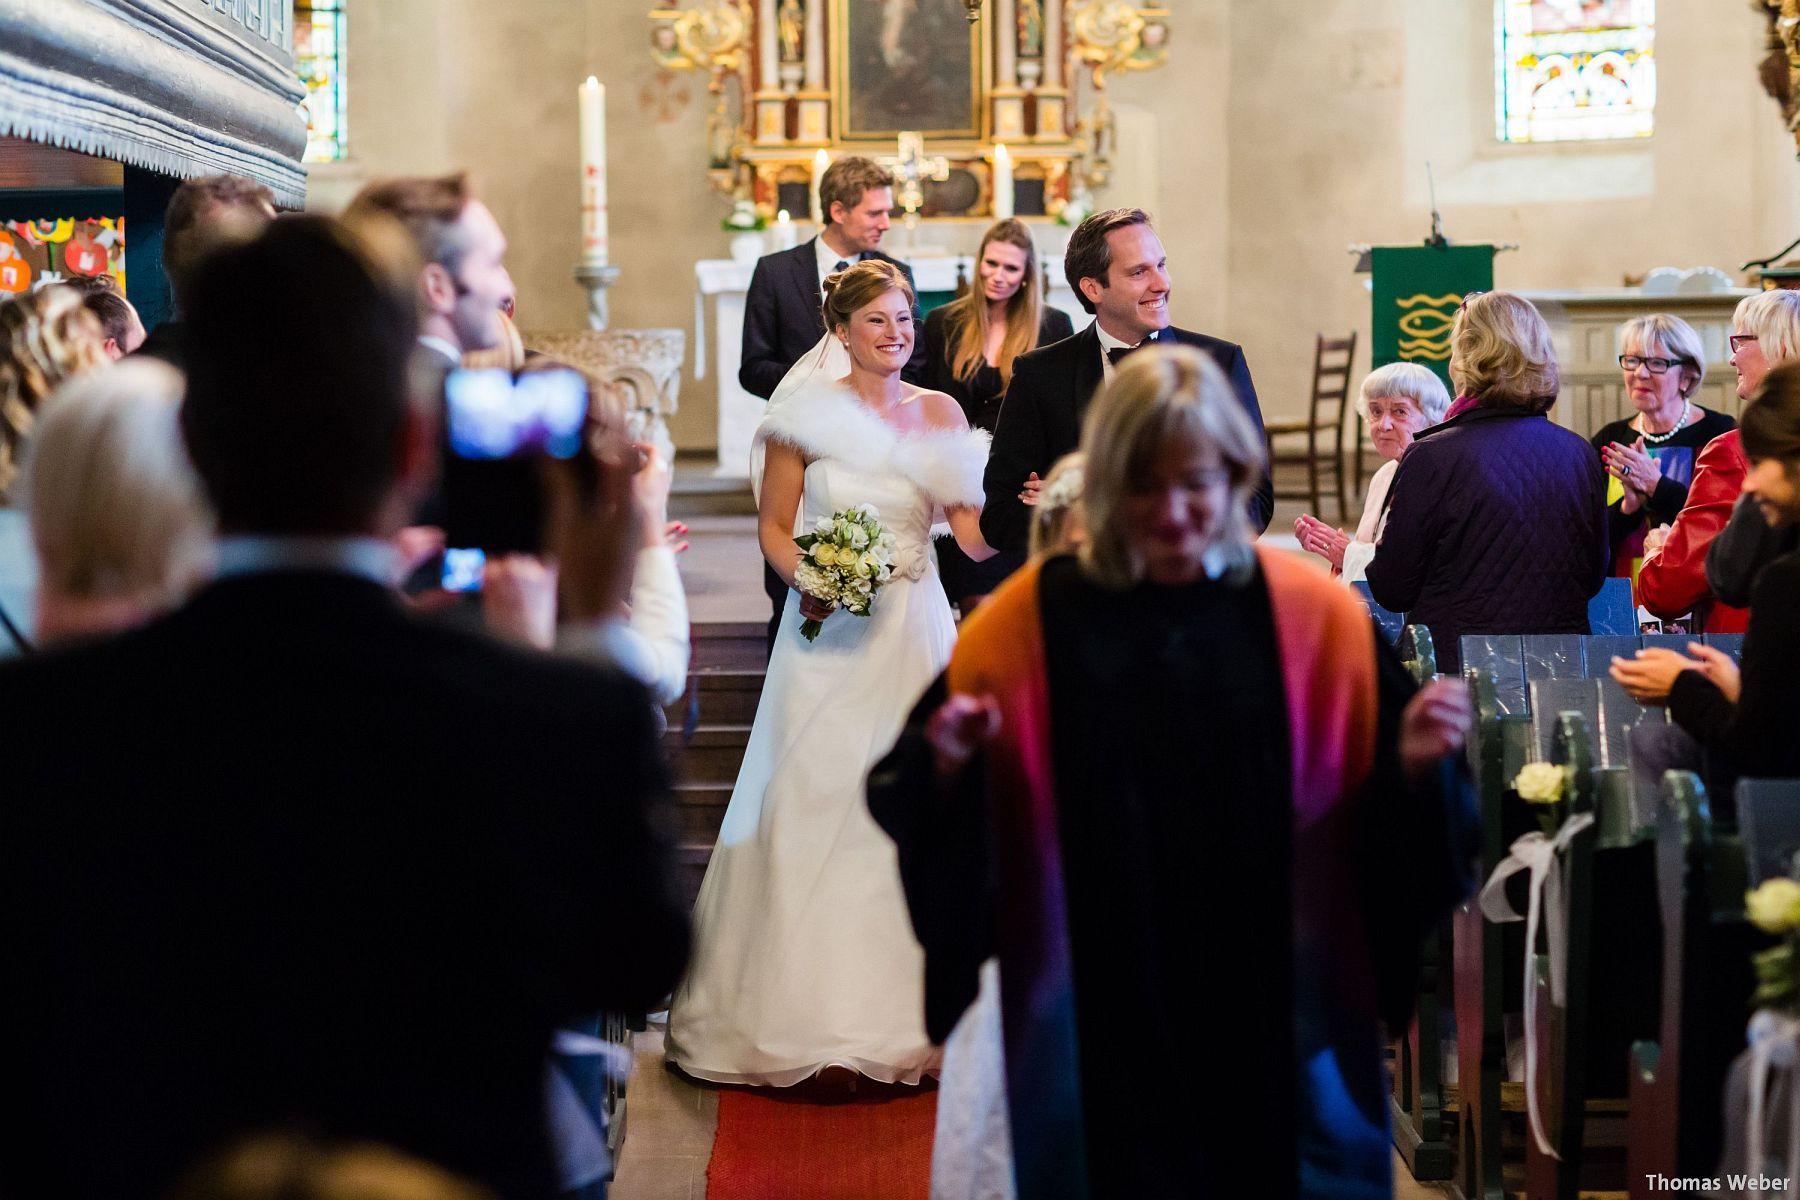 Hochzeitsfotograf Rastede: Kirchliche Trauung in der St. Ulrichs Kirche Rastede und Hochzeitsfeier in der Eventscheune St Georg Rastede mit dem Catering von Michael Niebuhr aus Oldenburg (31)